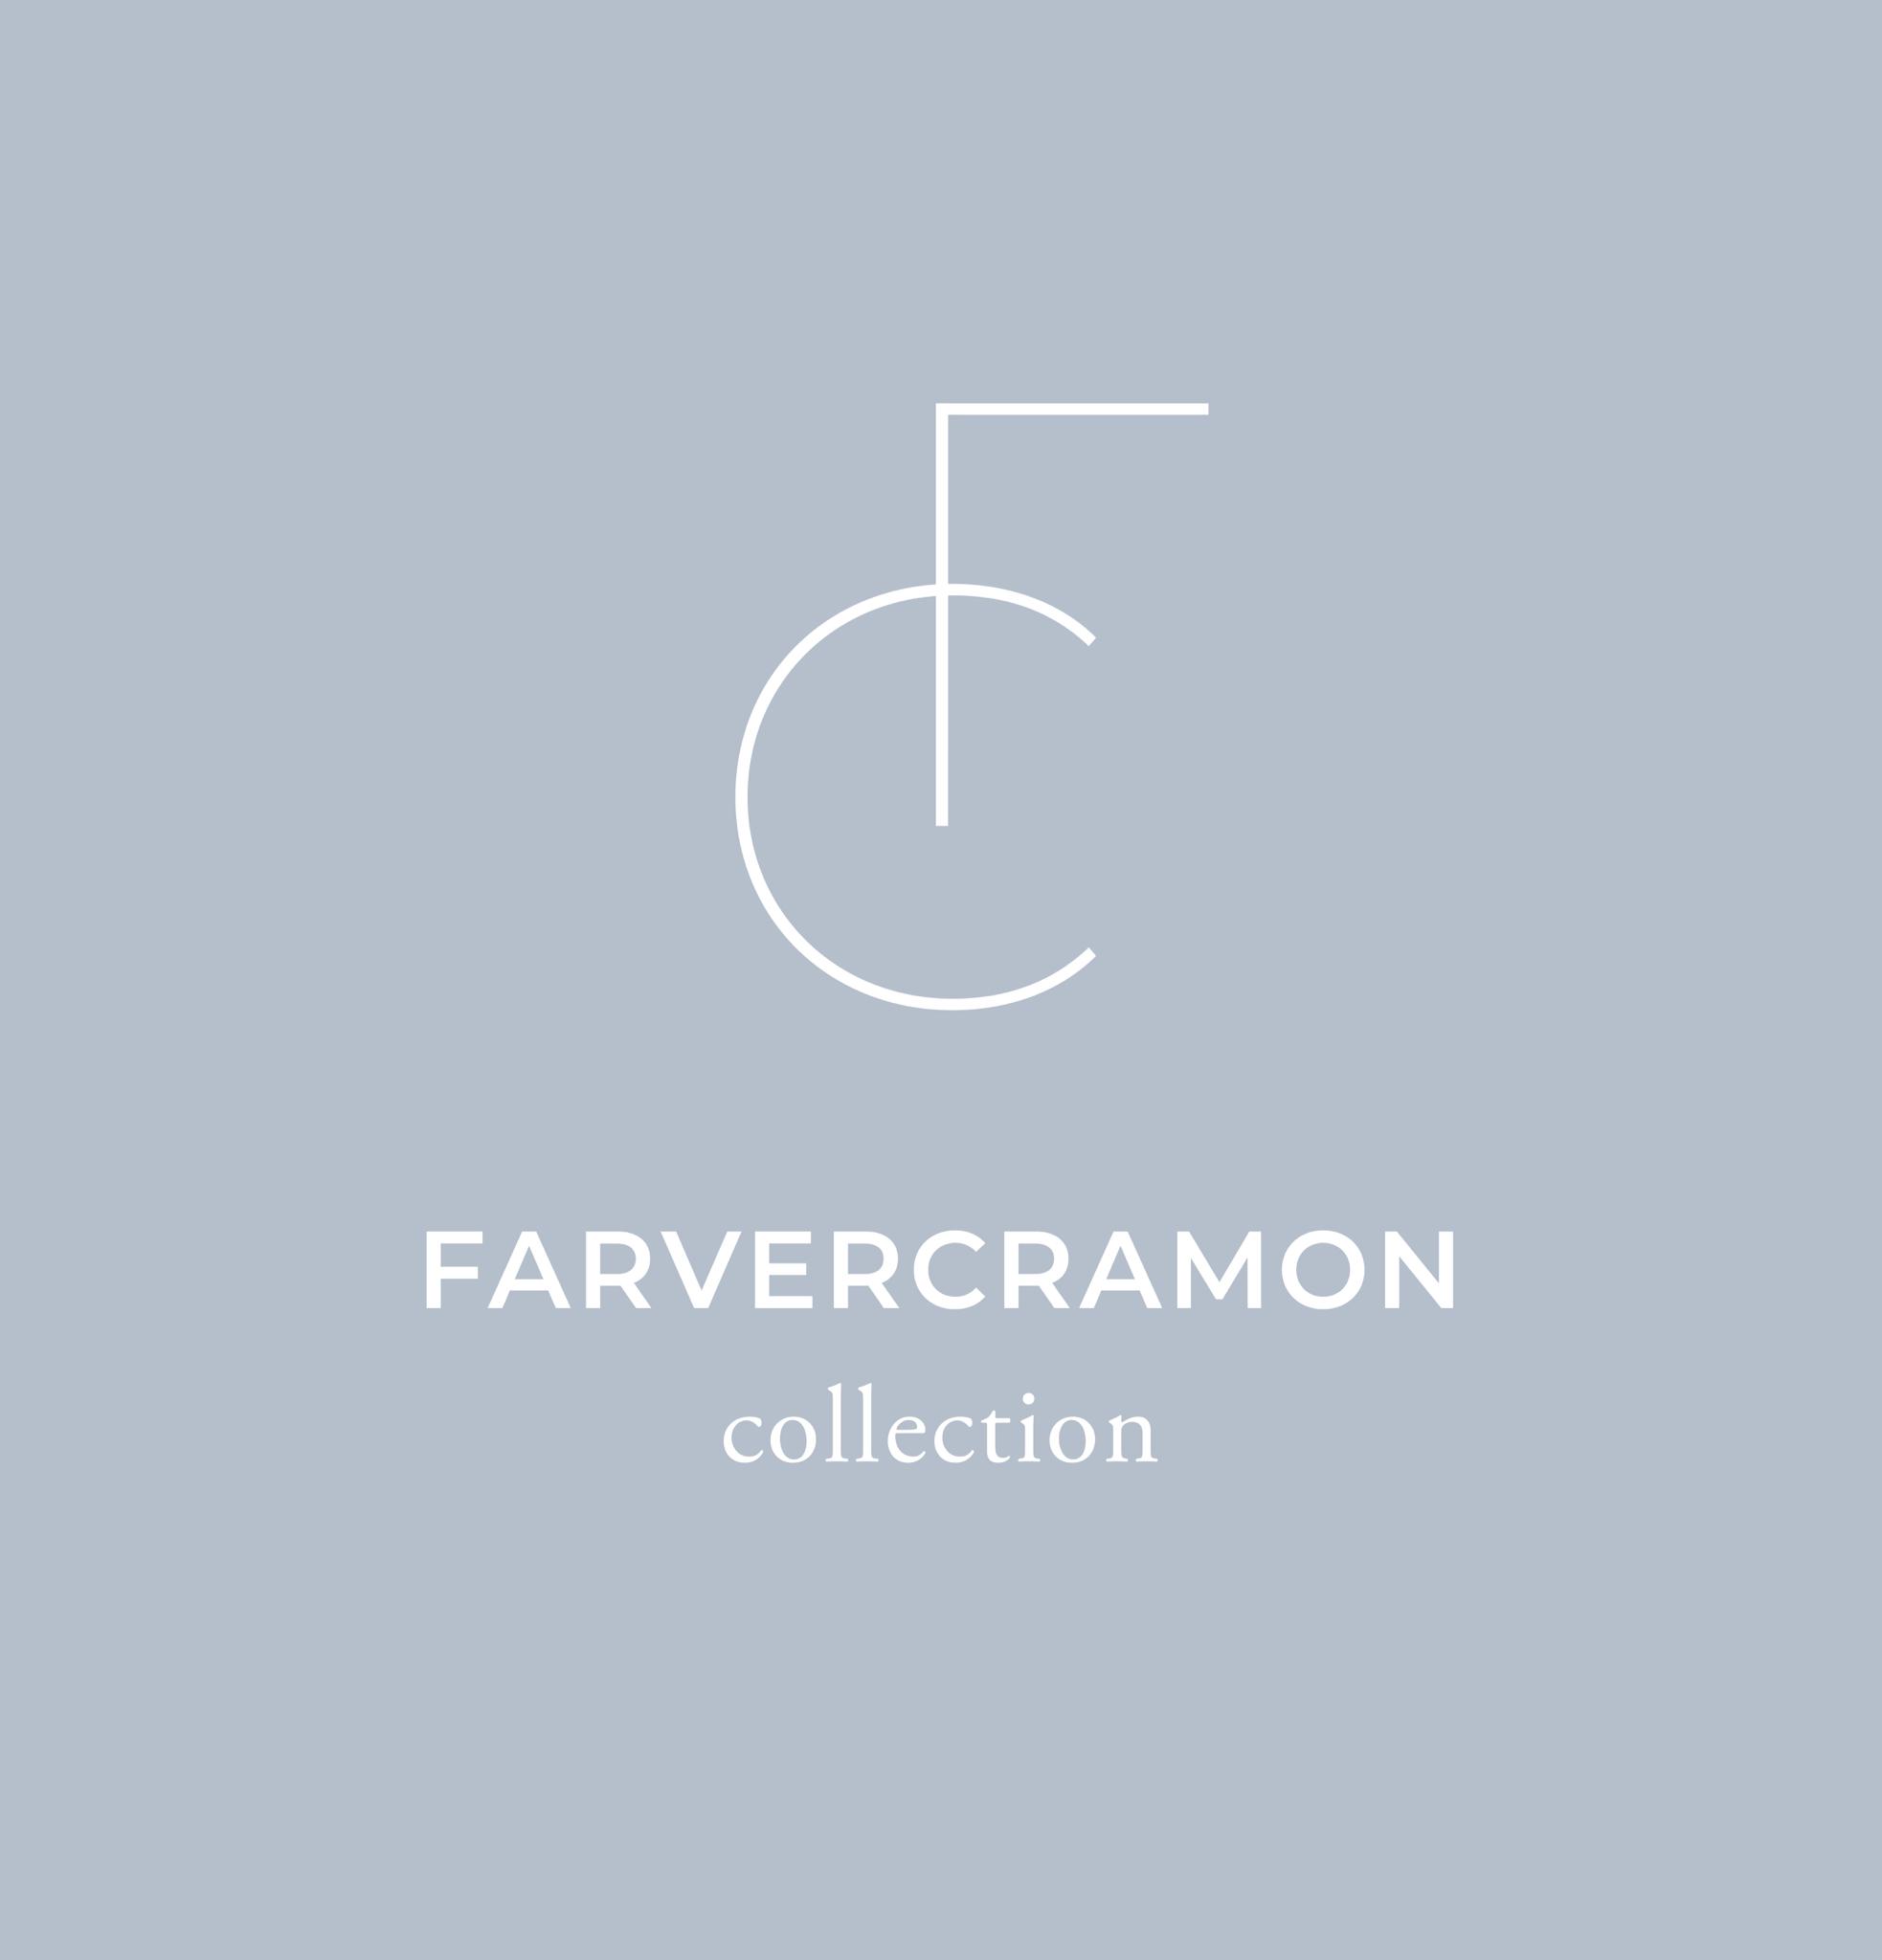 FarverCramon